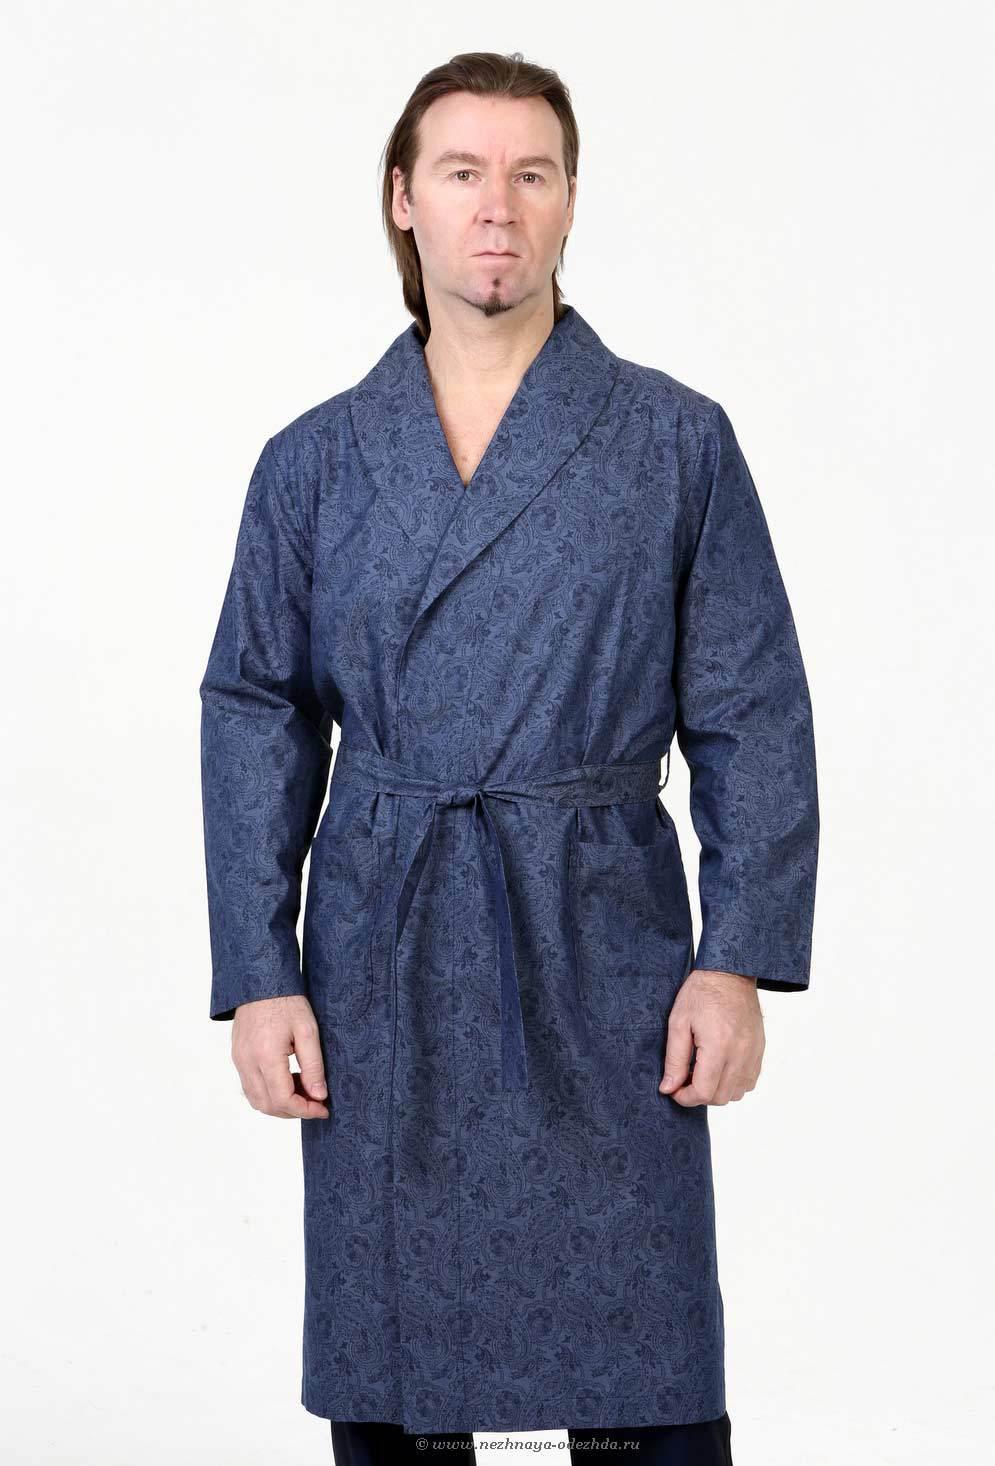 Мужской халат с узорами B&B